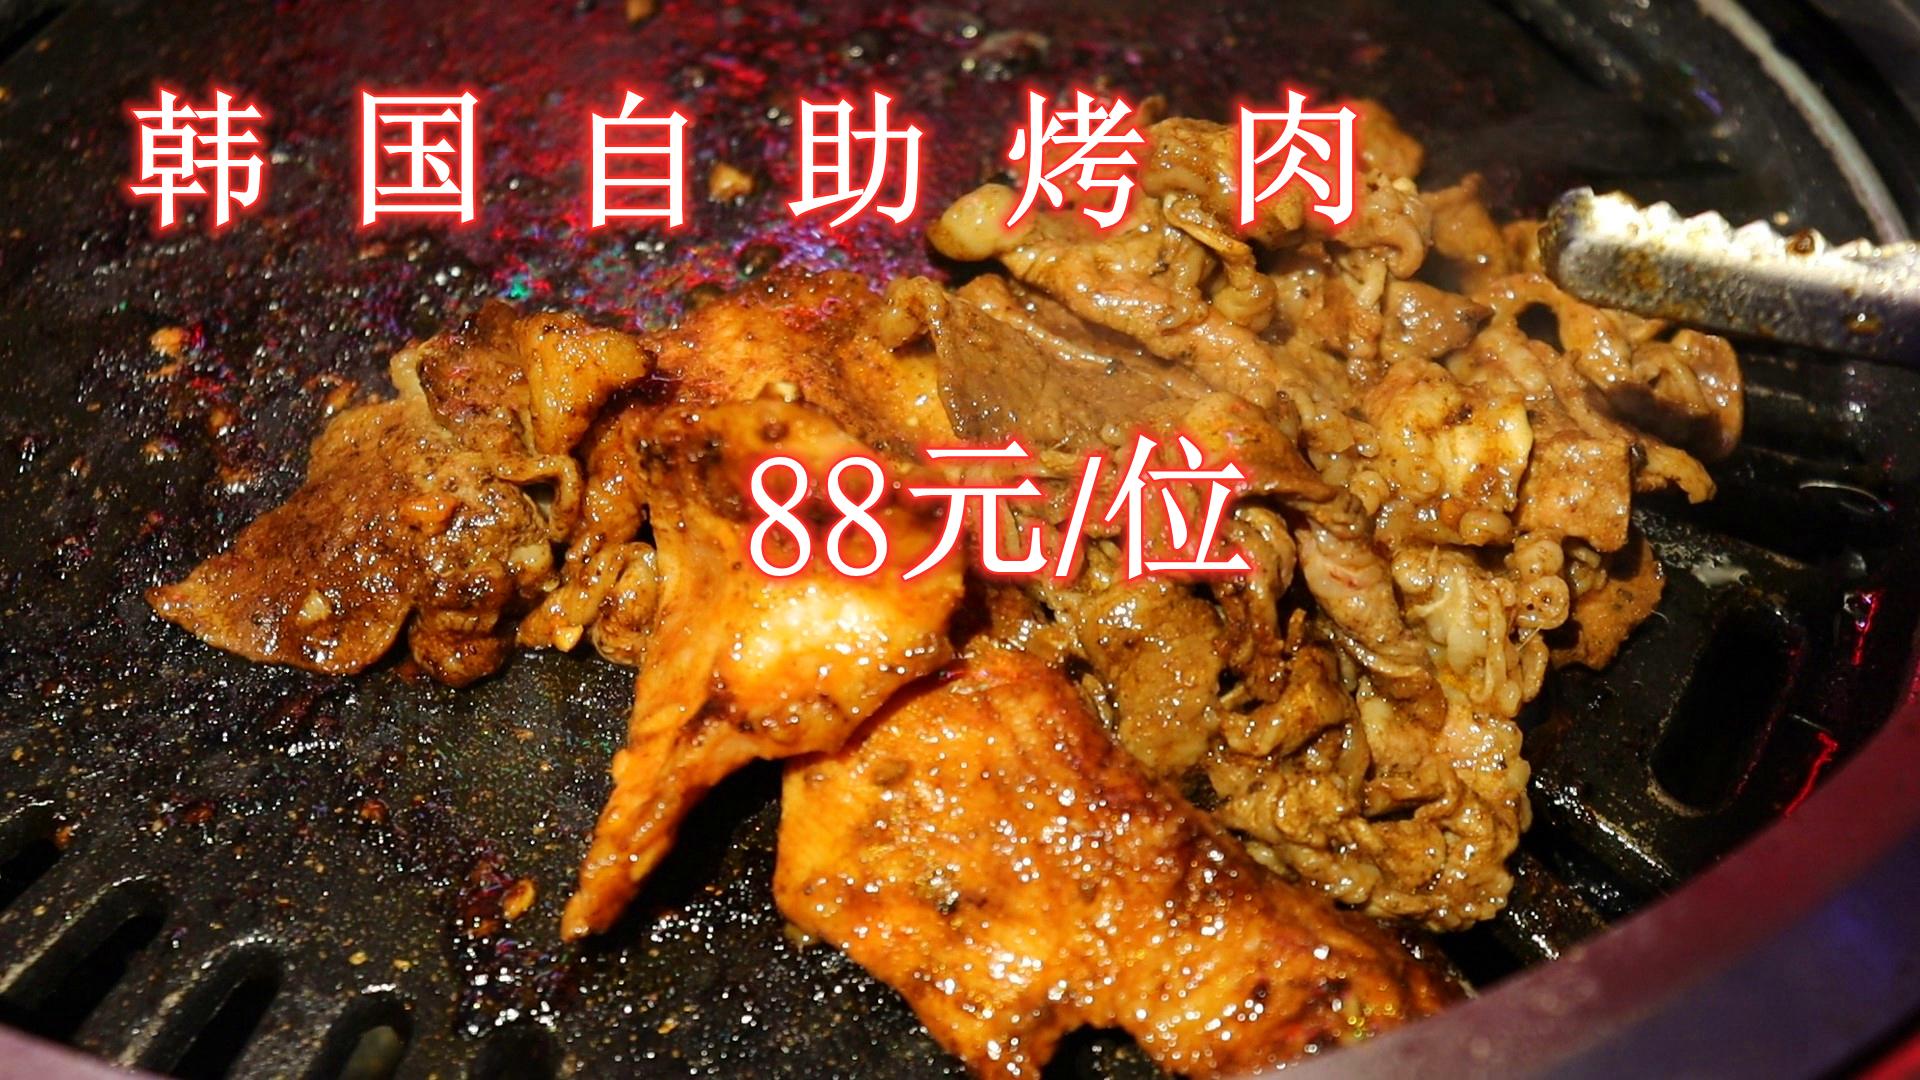 吃得满嘴流油!88元一位的韩国自助烤肉,五花、肥牛味道真的好吼!